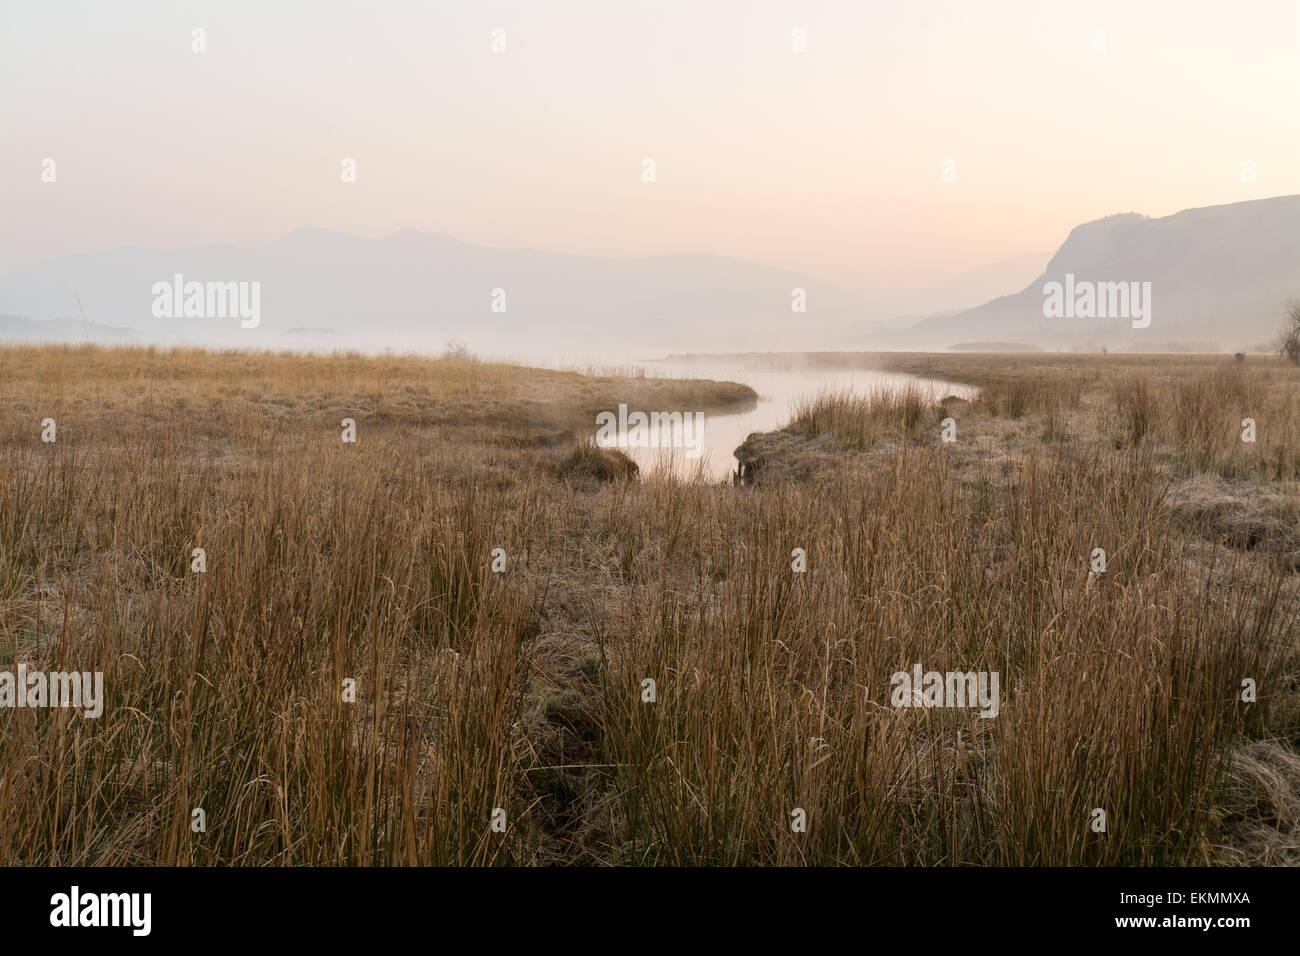 Morgengrauen Sie brechen und Nebel zu heben, wie der Fluss Derwent Derwentwater - englischen Lake District trifft Stockbild